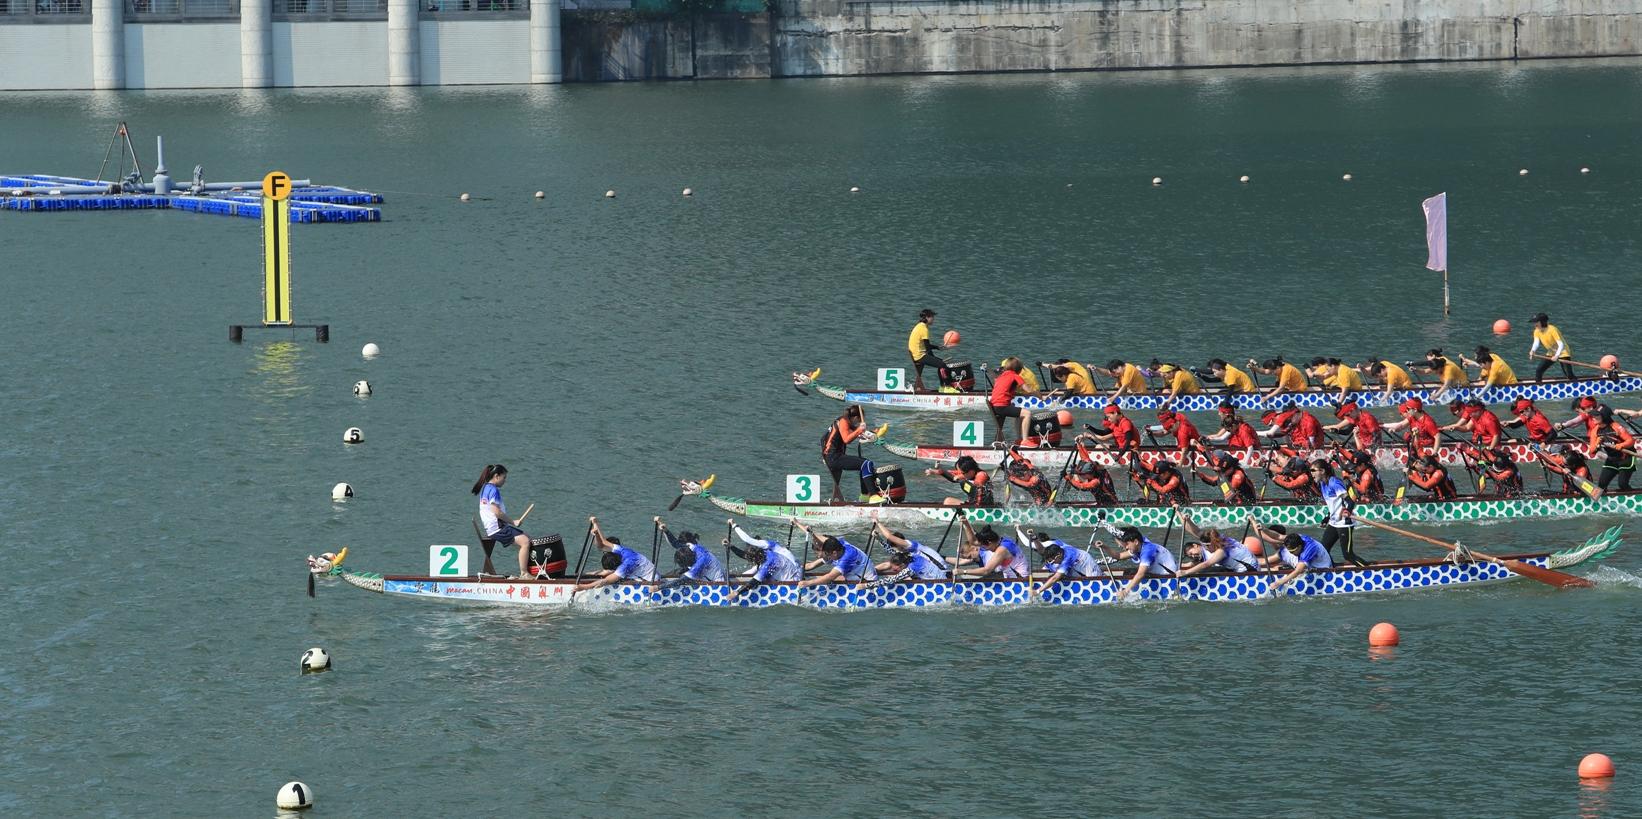 Regata de Barcos-Dragão só para equipas locais